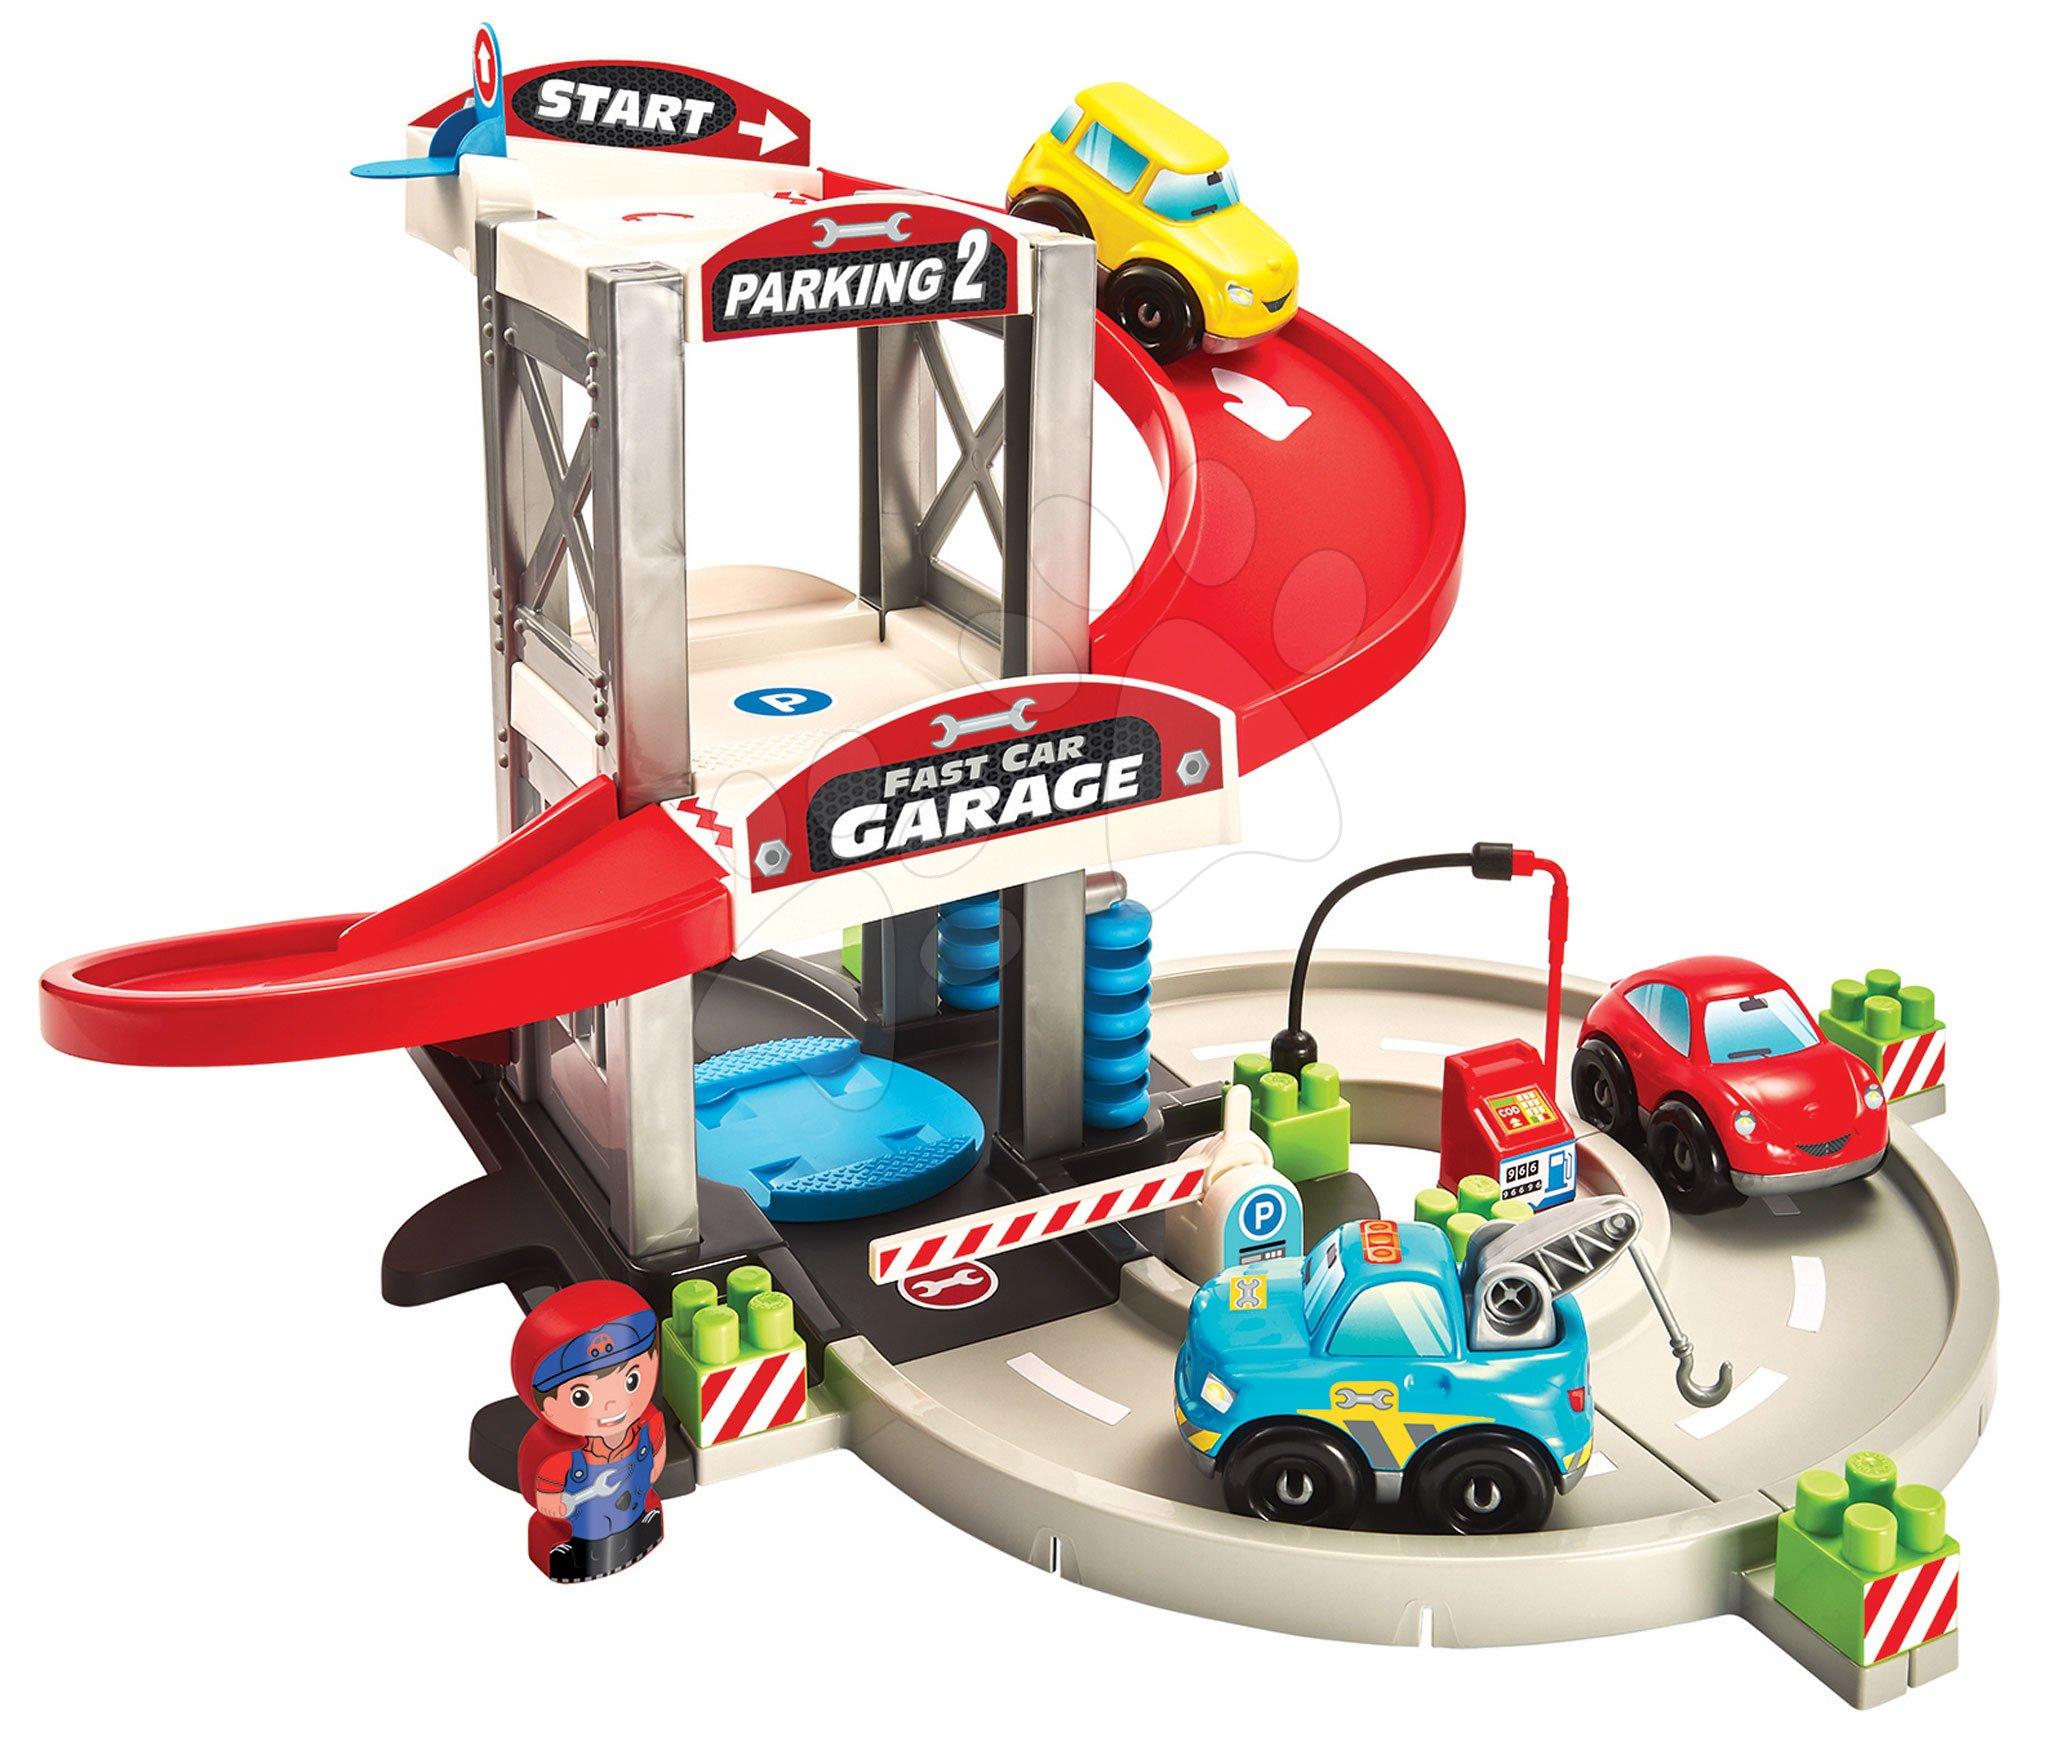 Abrick építőkockák - Építőjáték emeletes garázs szerviz 3 kisautóval Abrick Écoiffier töltőállomással és figurával 18 hó-tól